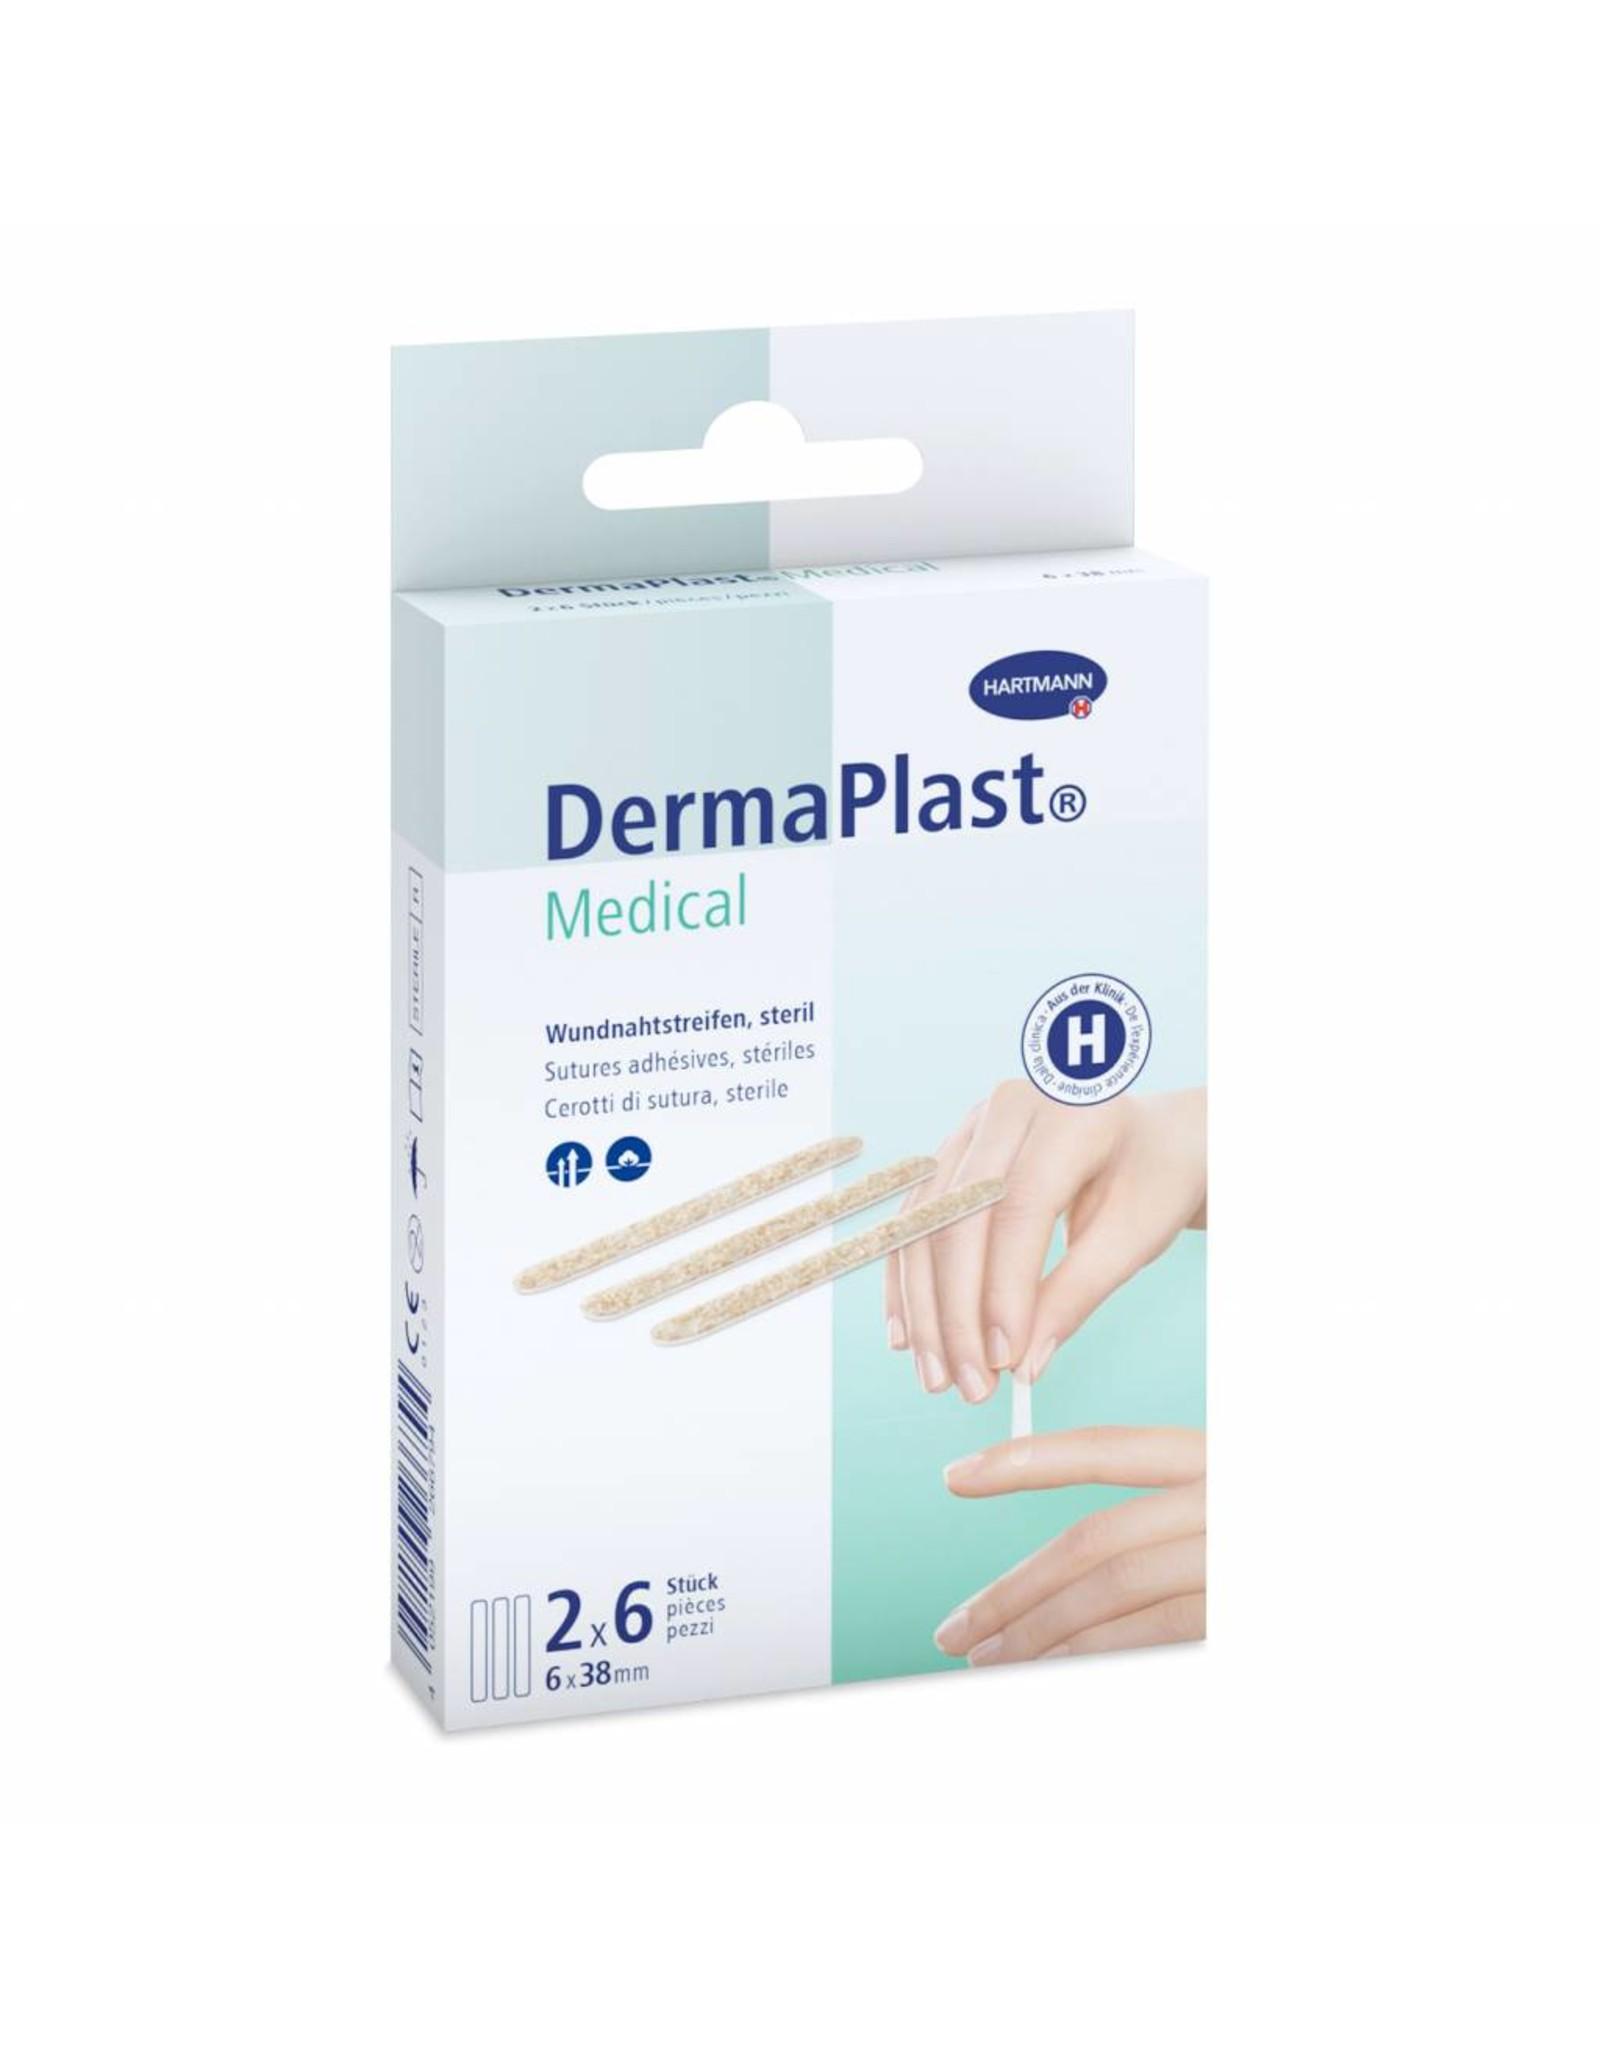 DermaPlast DermaPlast Medical Wundnahtstreifen 6 x 38 mm